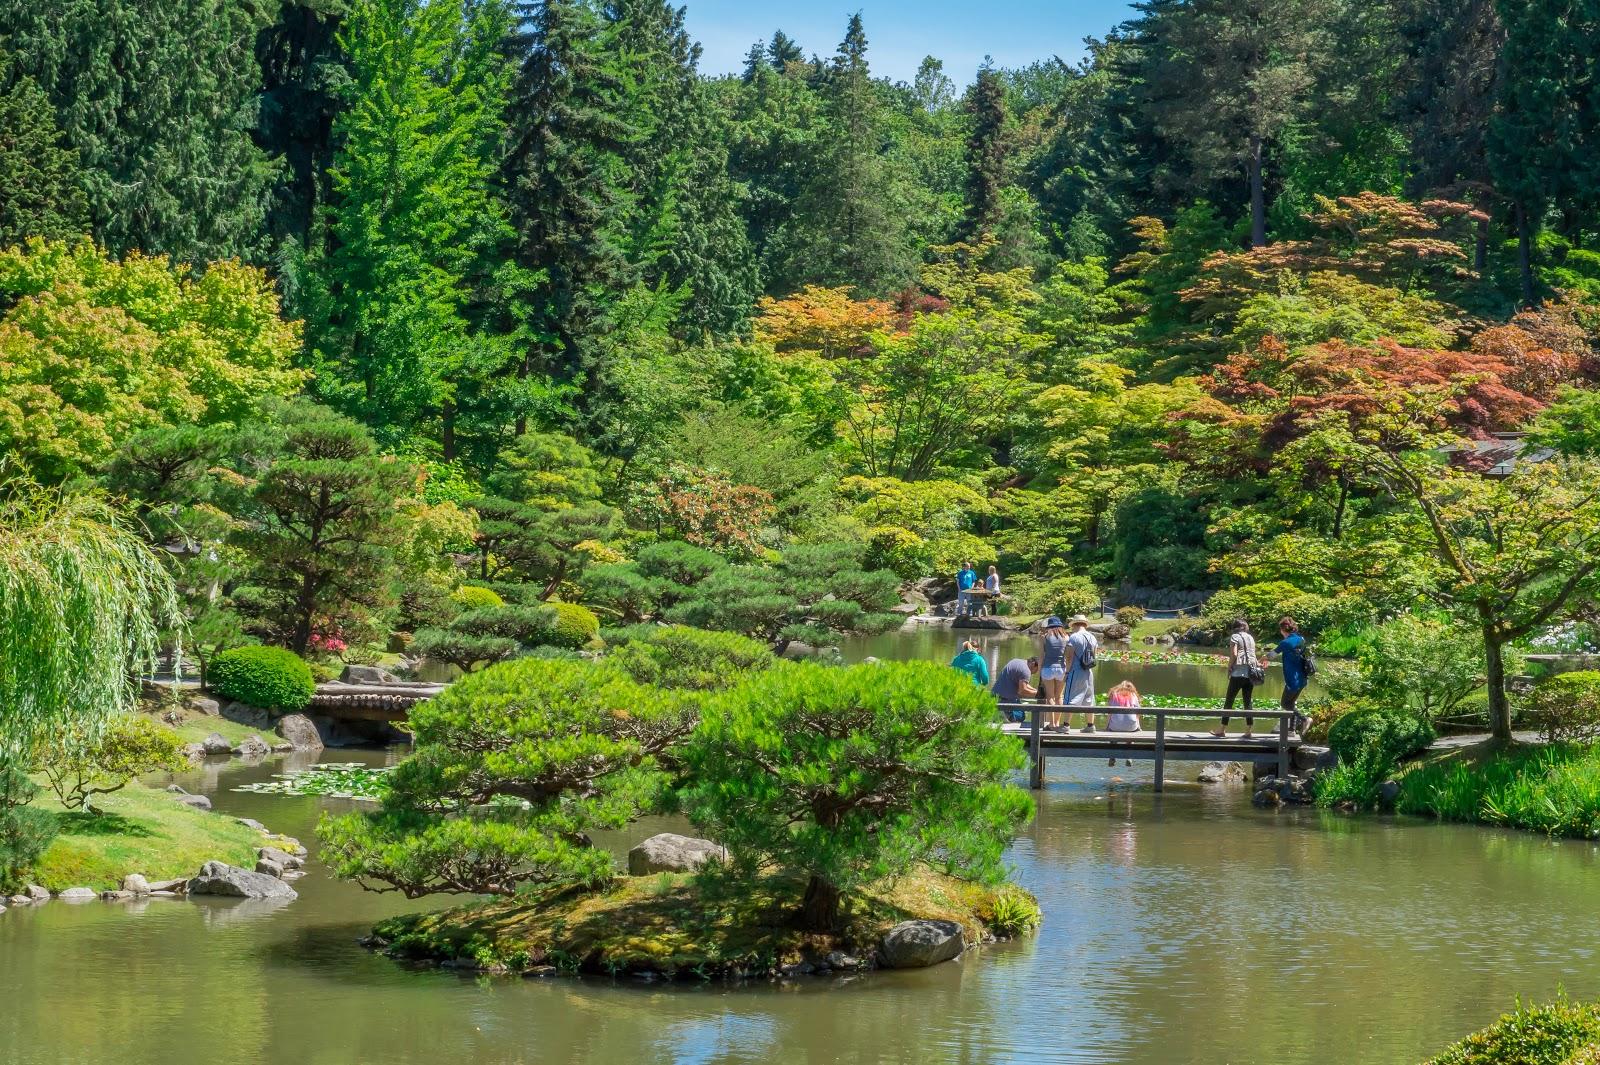 Сиэтловский японский сад оставил приятное впечатление.